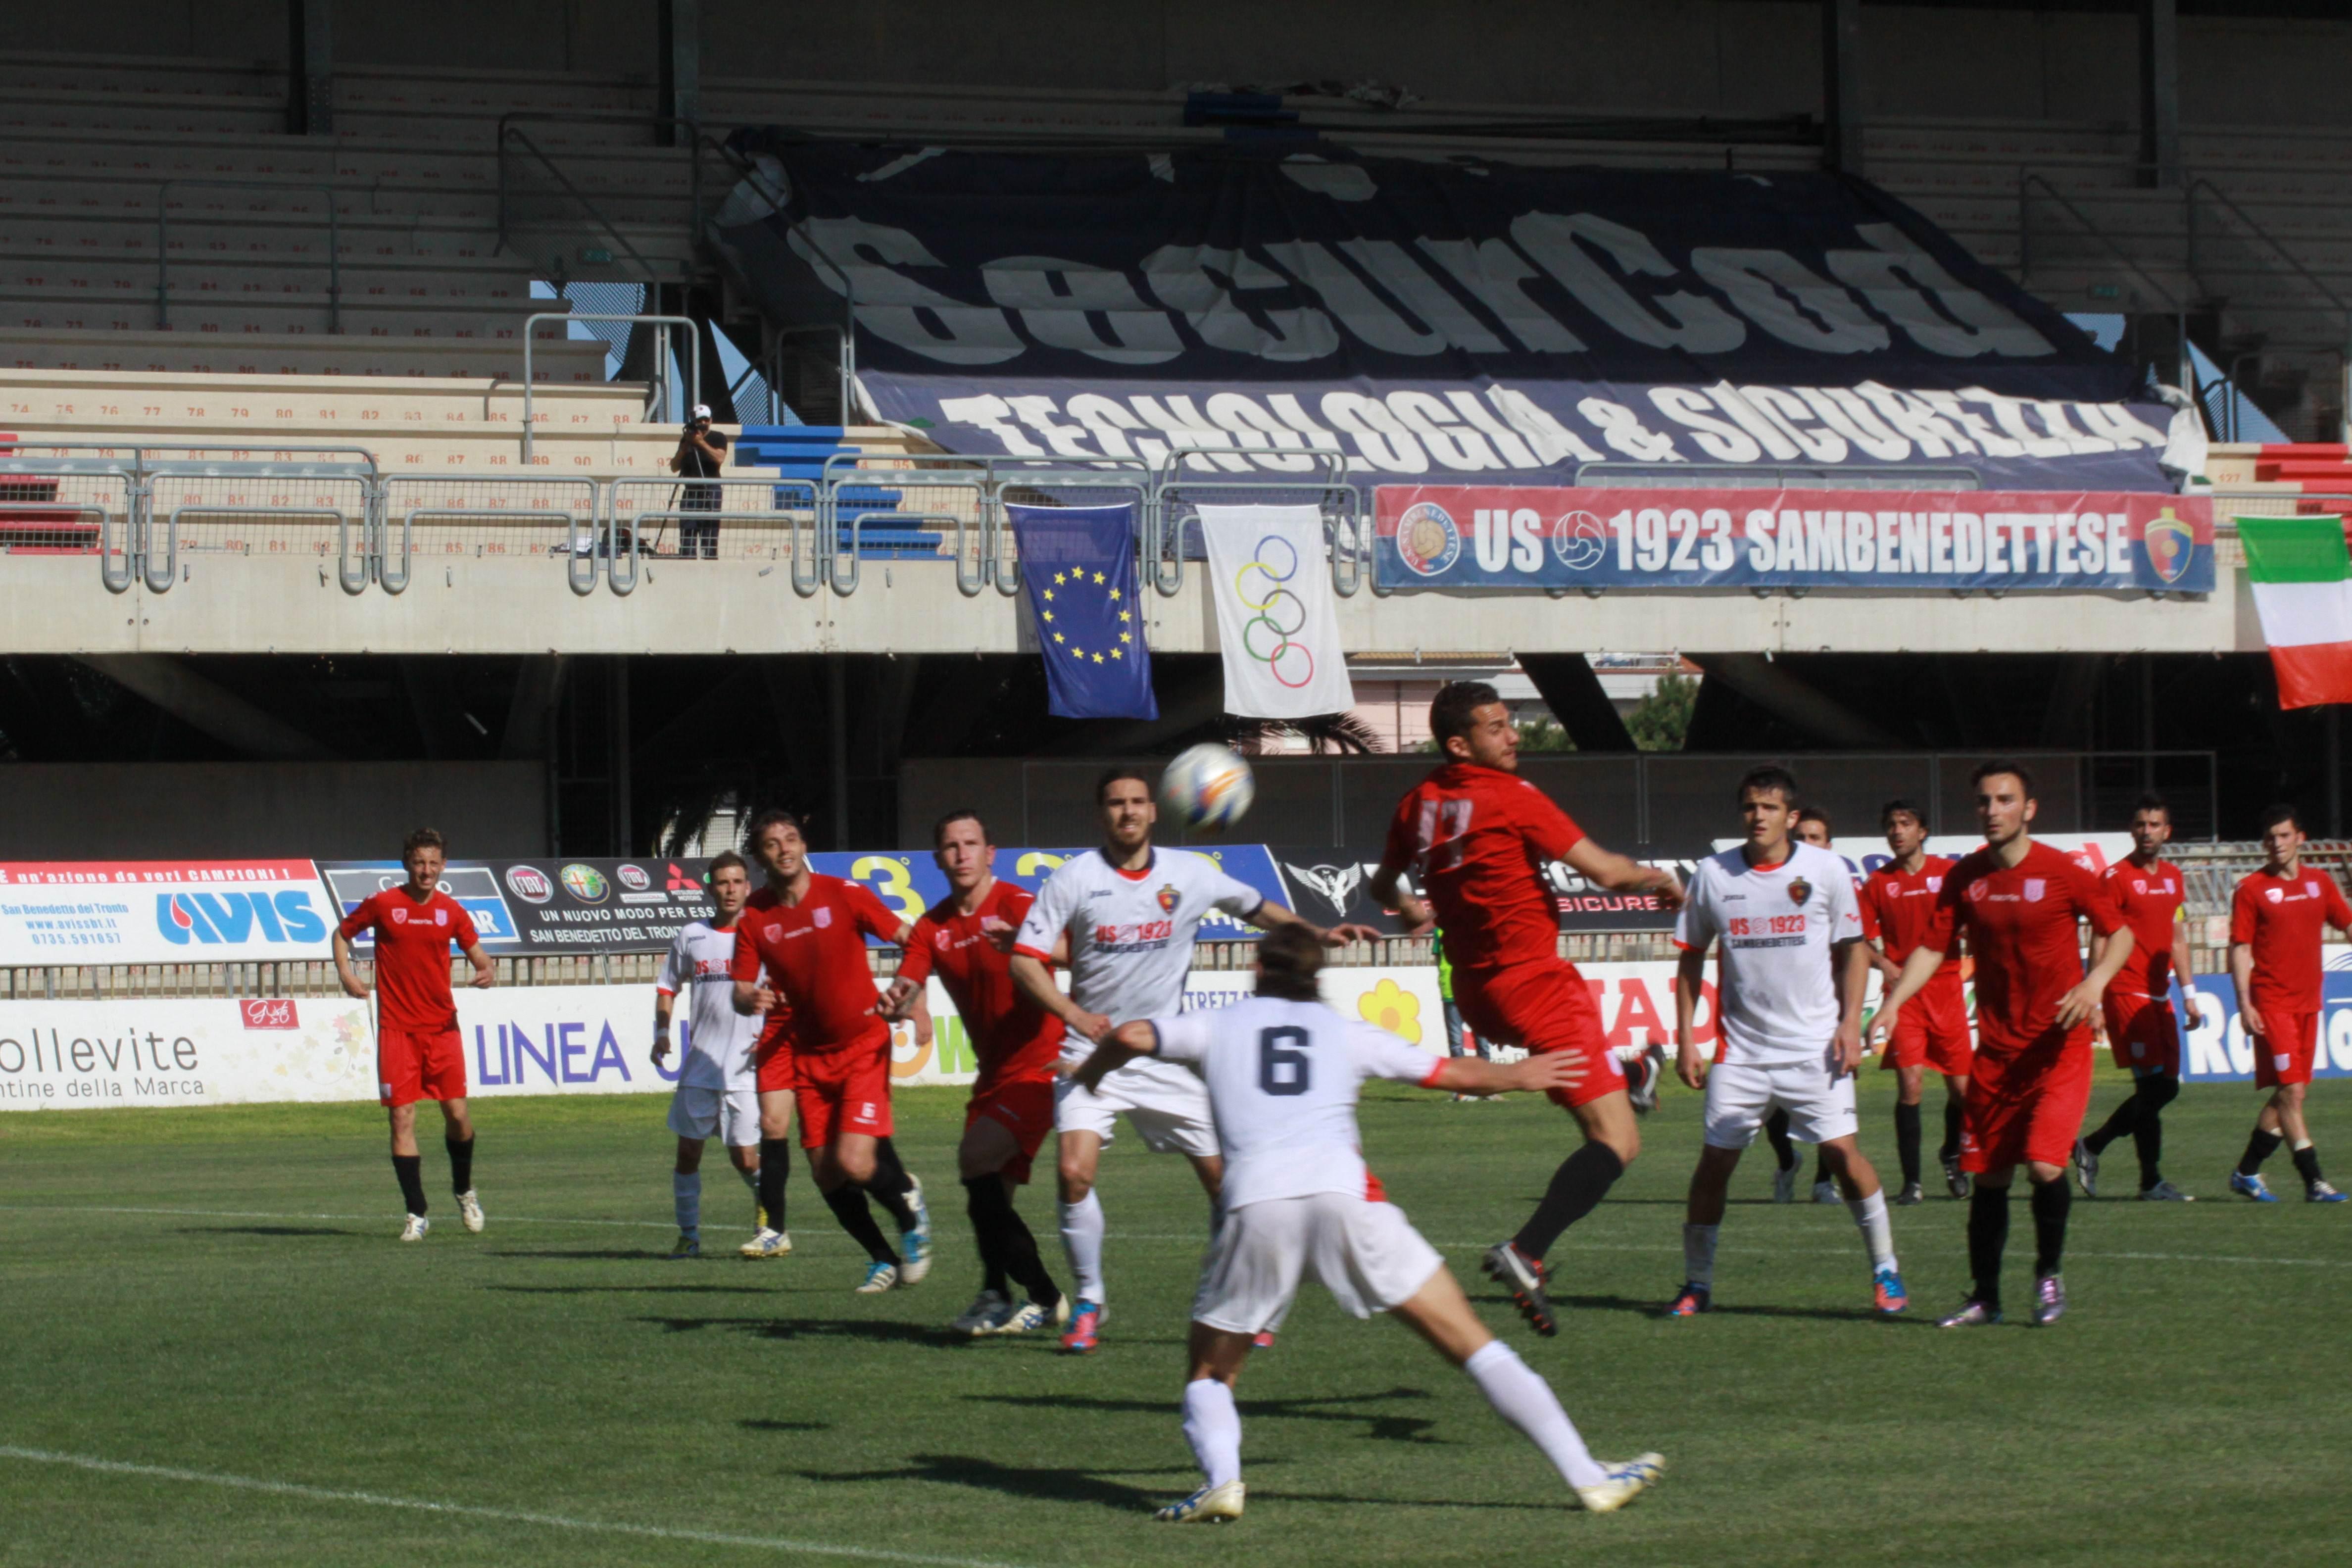 Samb-Isernia Marini di testa gol 3-2 (bianchini)